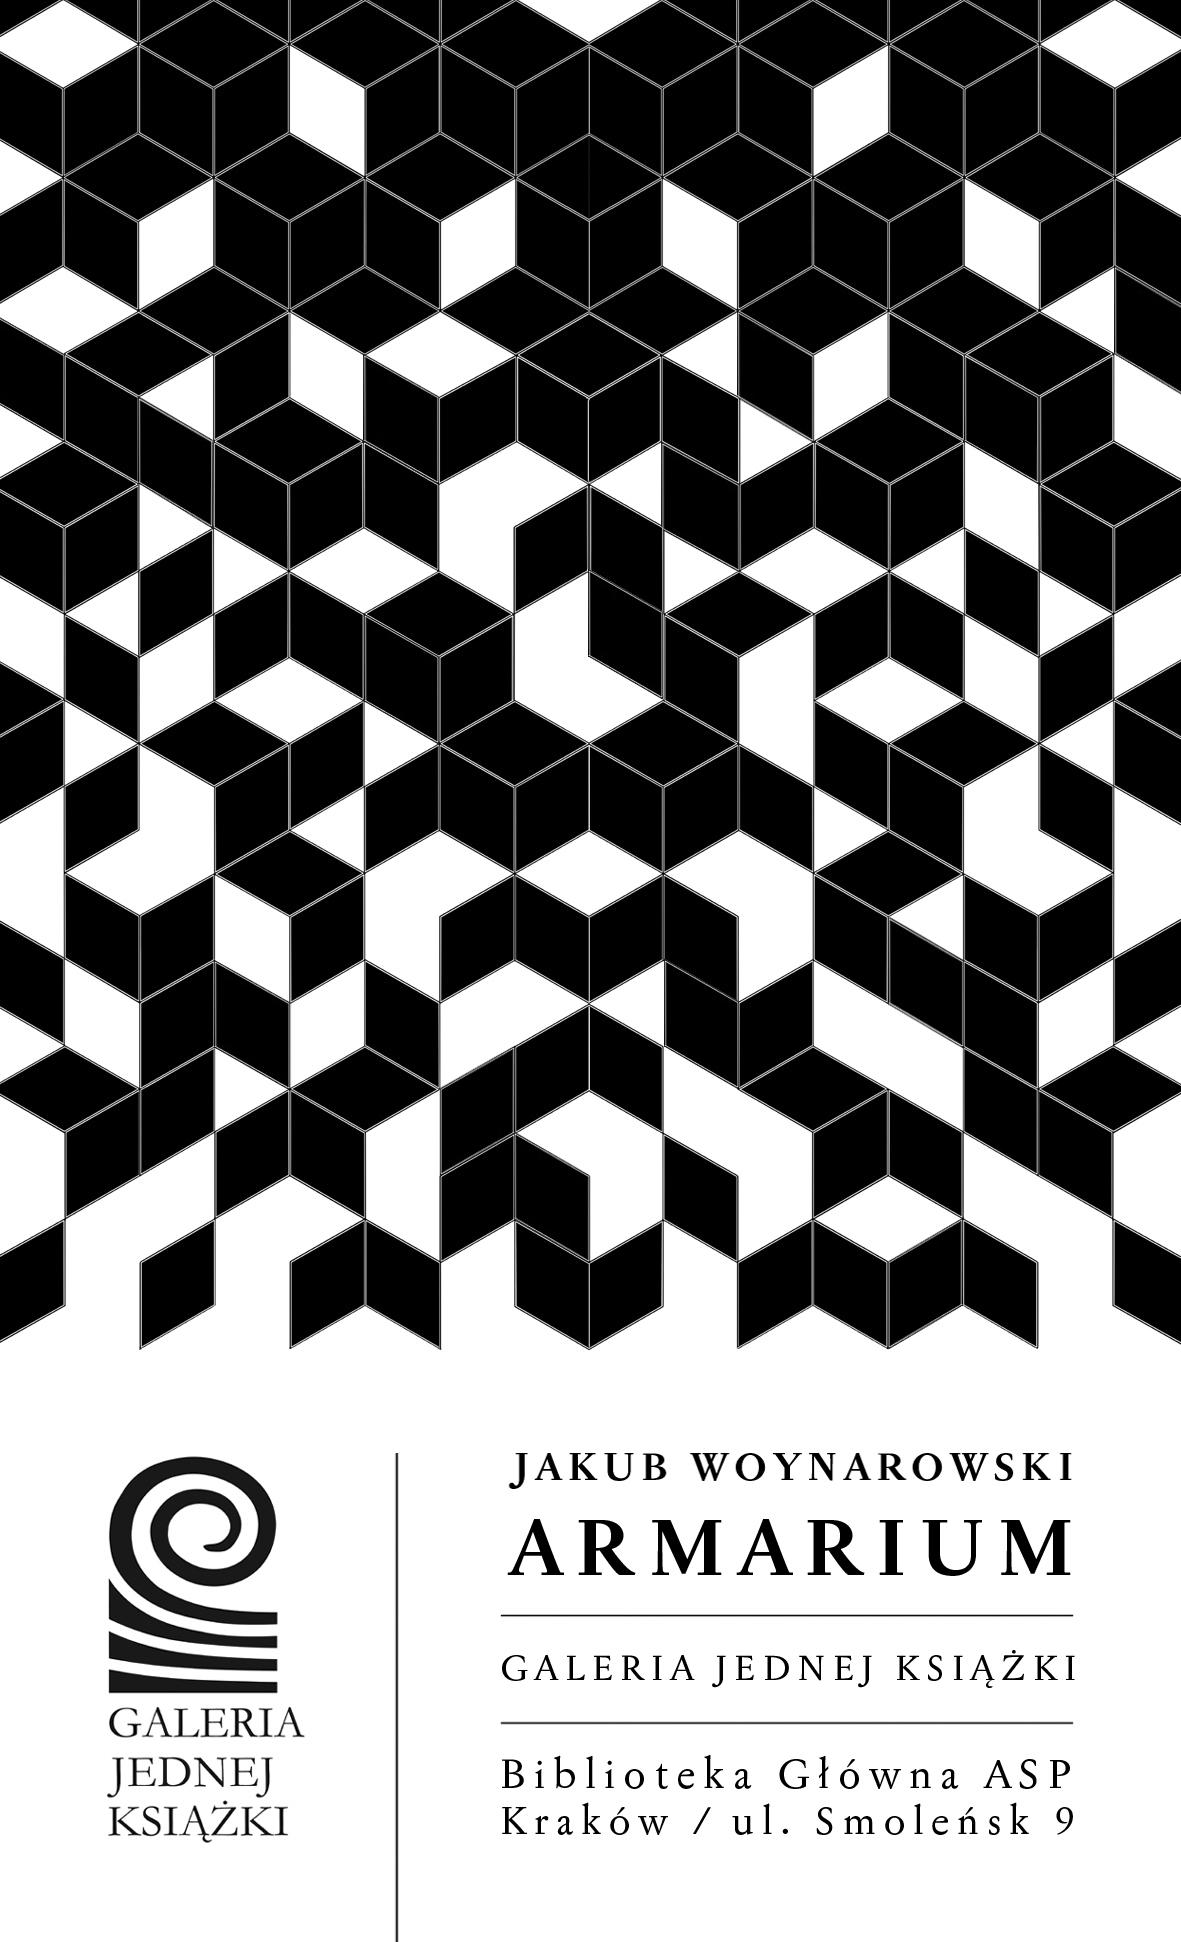 Armarium Jakuba Woynarowskiego (źródło: materiały prasowe organizatora)